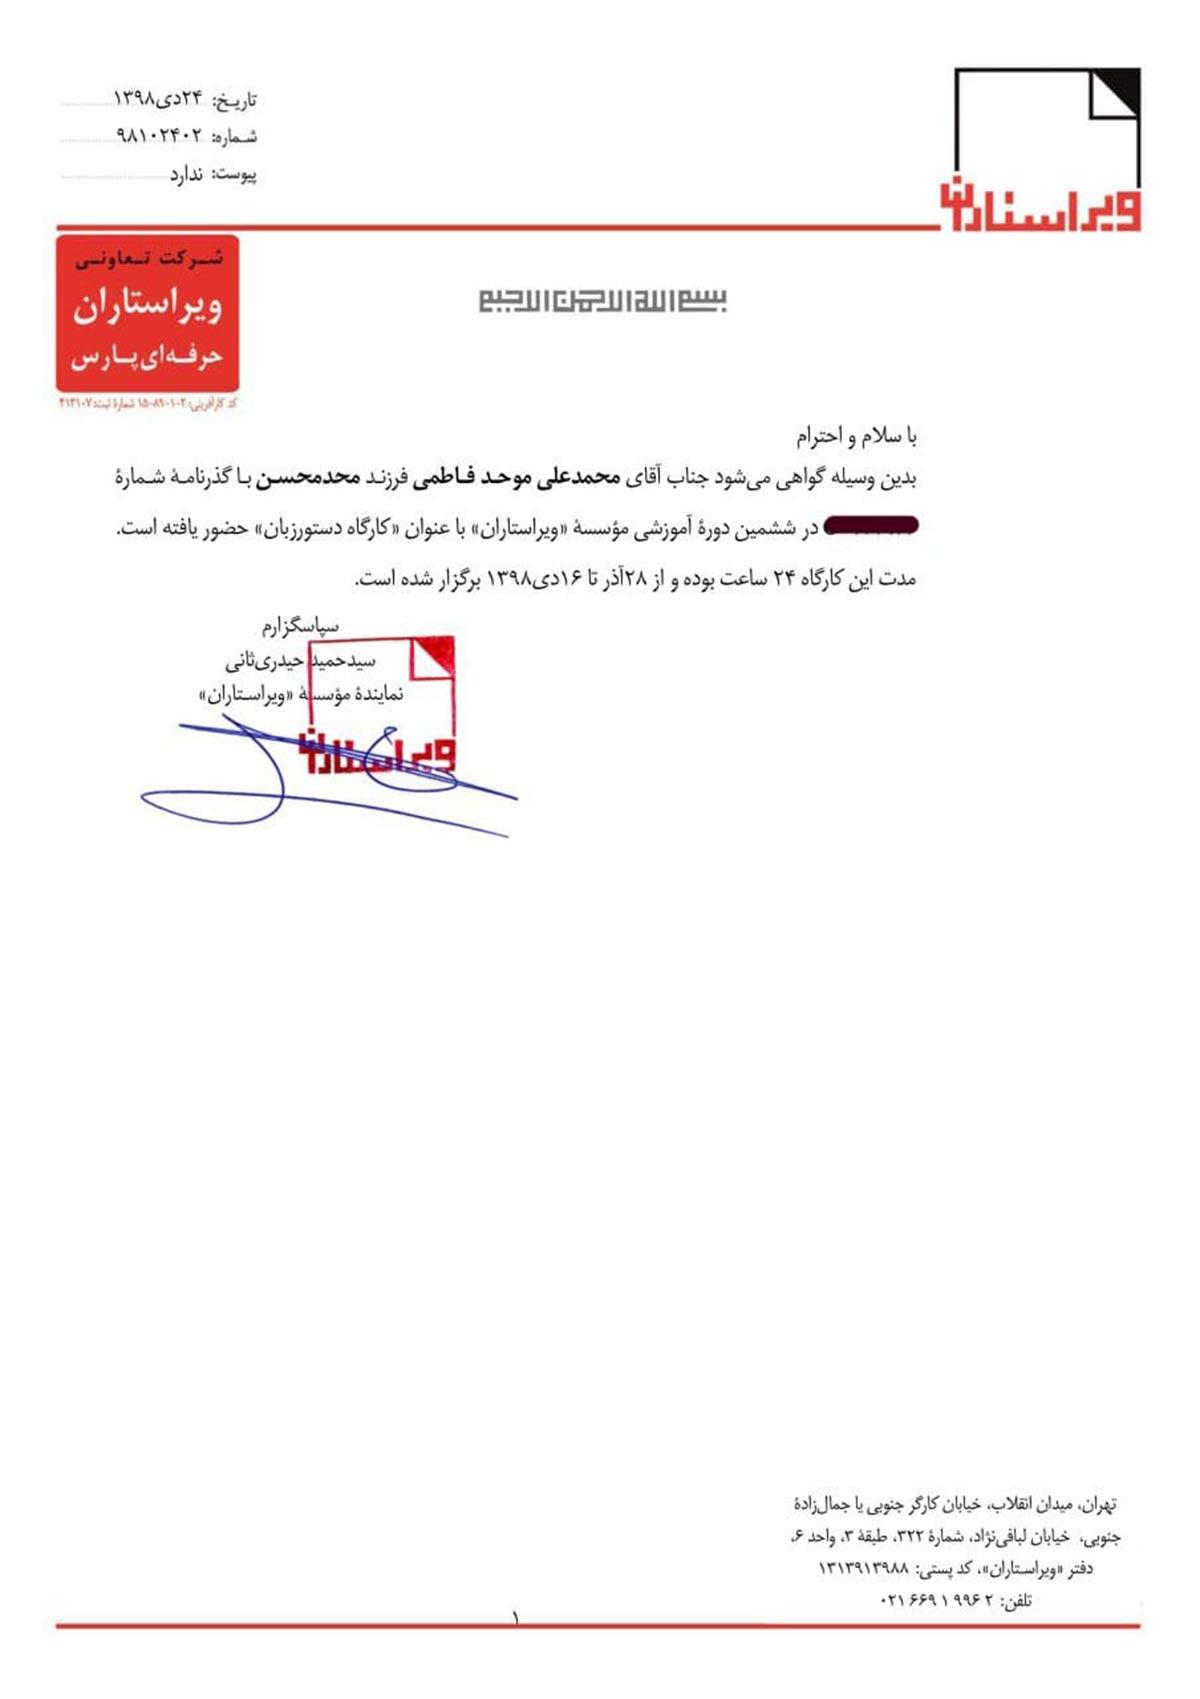 گواهی کارگاه دستورزبان فارسی